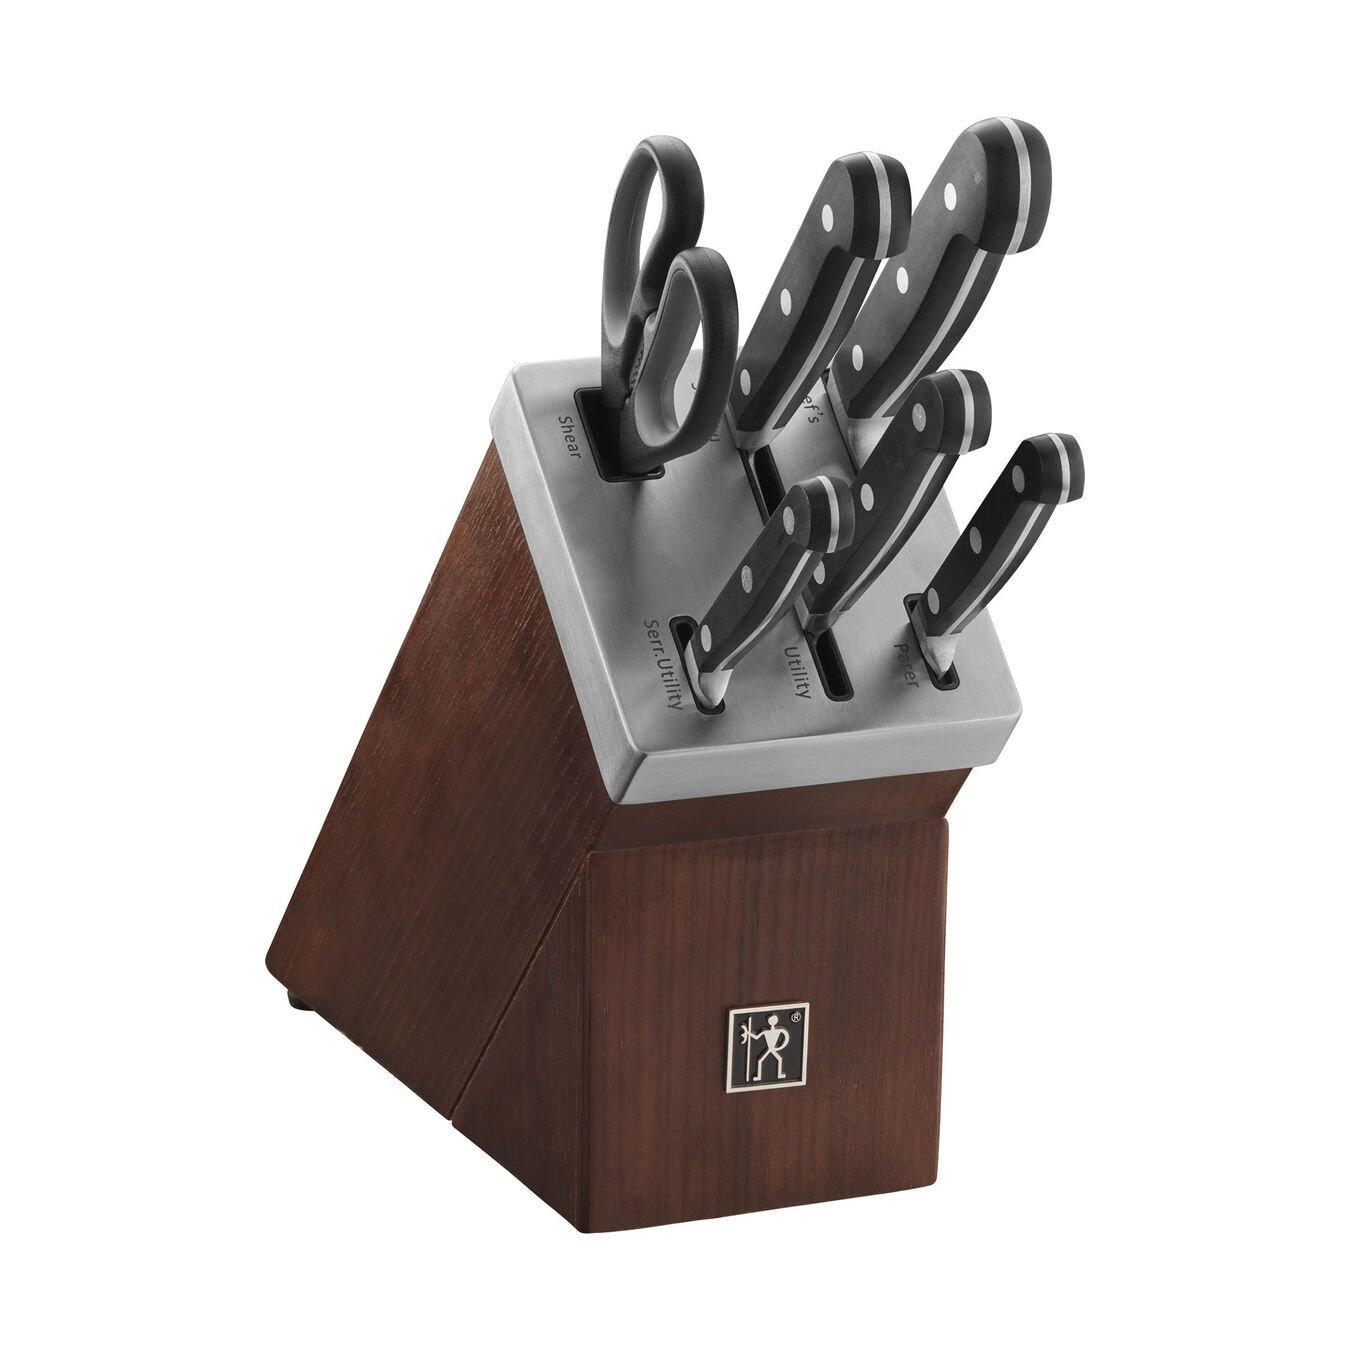 7-pc, Self Sharpening Knife Block Set,,large 2